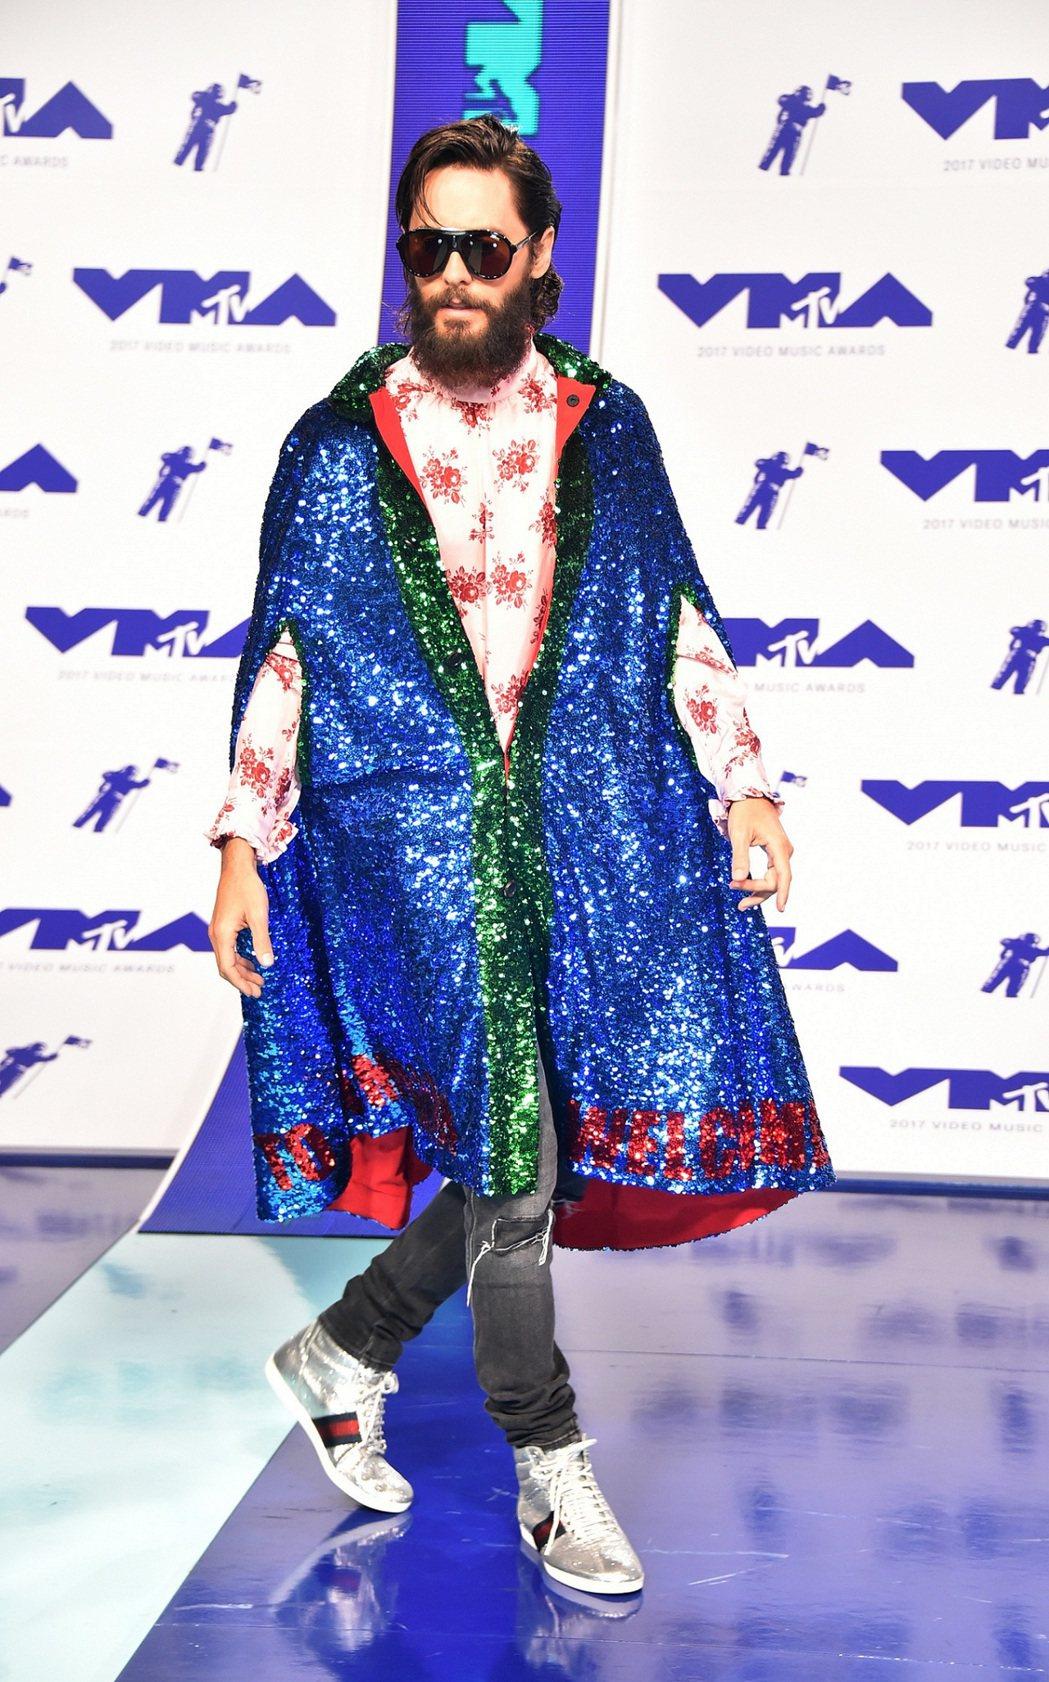 傑瑞德雷托穿著Gucci 2018早春服裝出席MTV音樂錄影帶大獎。圖/Gucc...